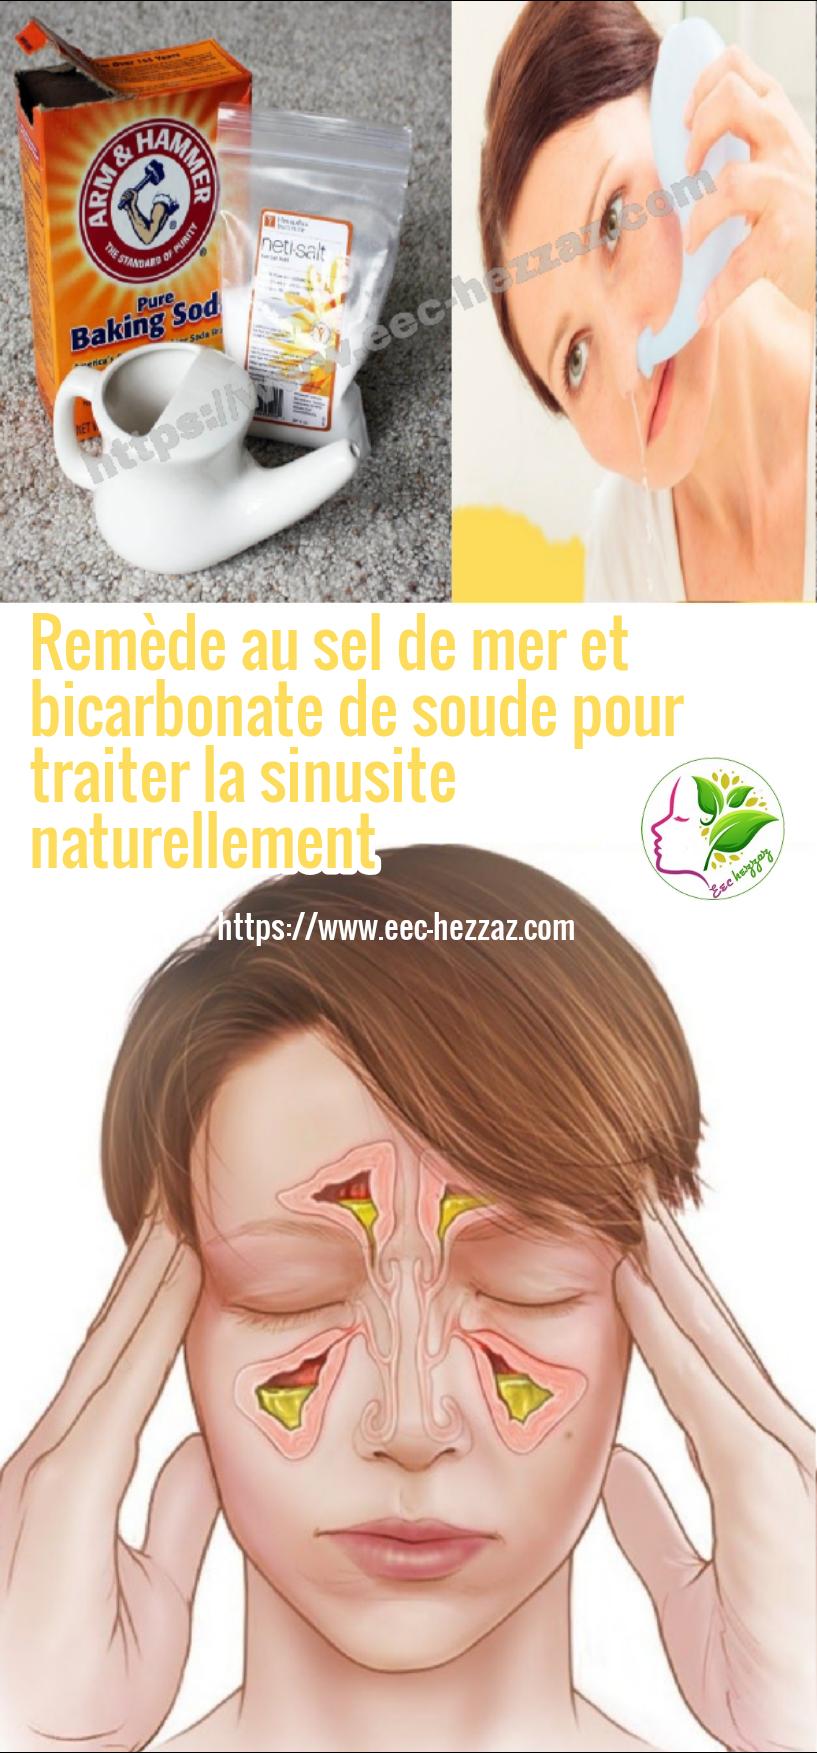 Remède au sel de mer et bicarbonate de soude pour traiter la sinusite naturellement